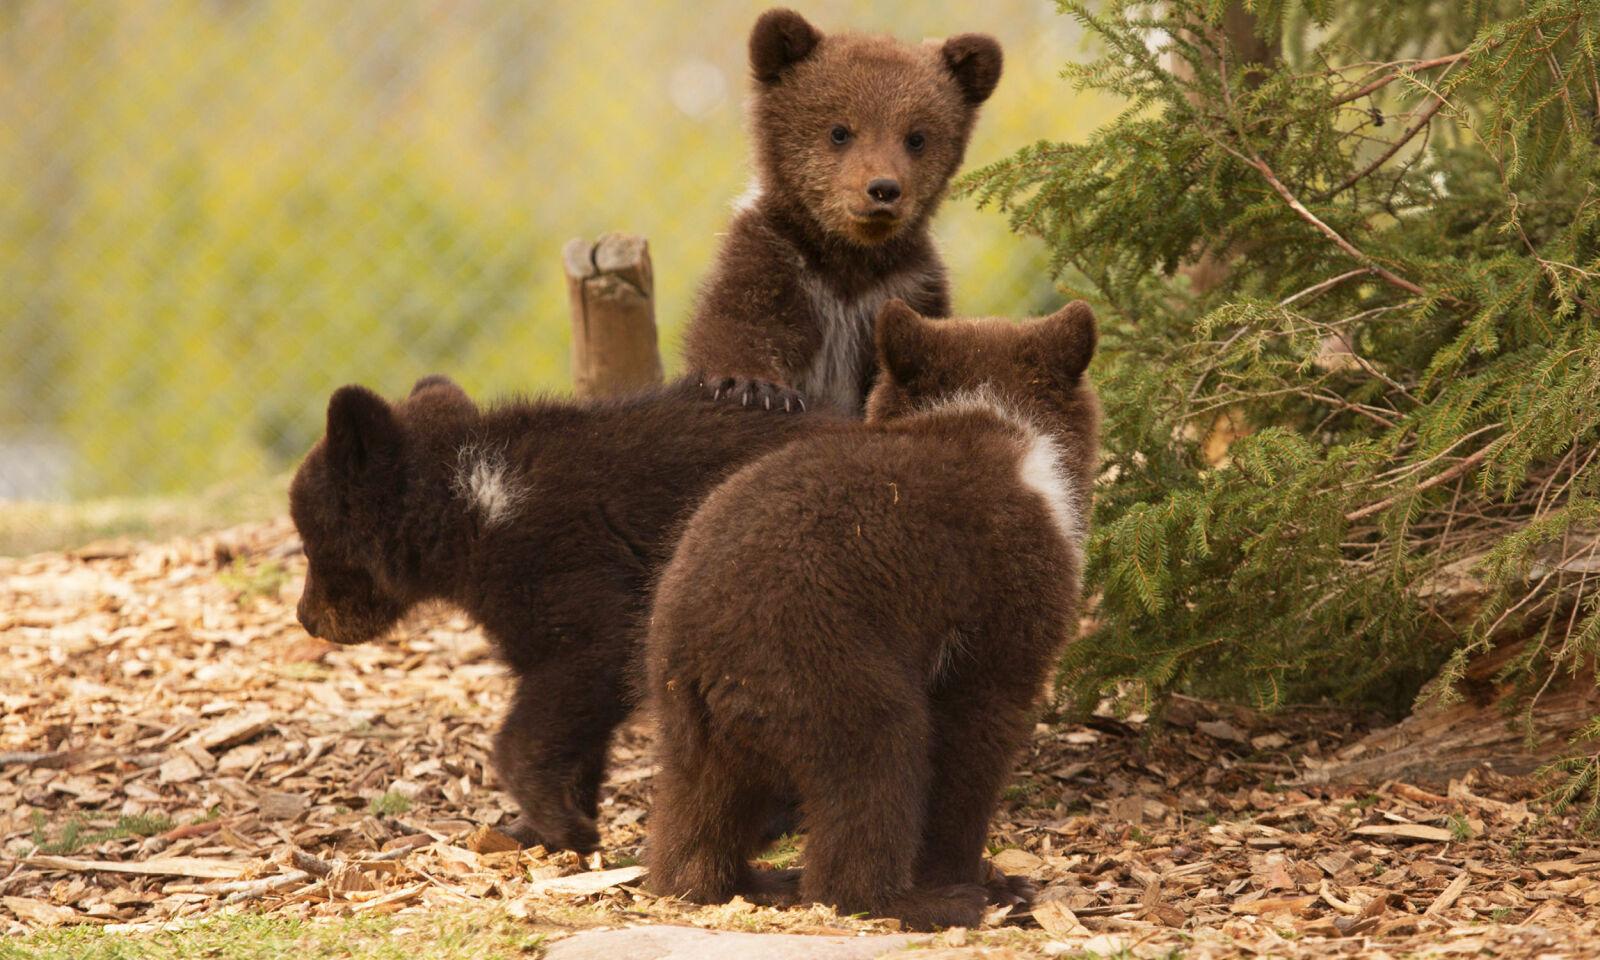 NATURLIG MILJØ: I Orsa Rovdjurspark får du møtt bjørner og andre spennende dyr i sitt rette element. Foto: Orsa Rovdjurspark